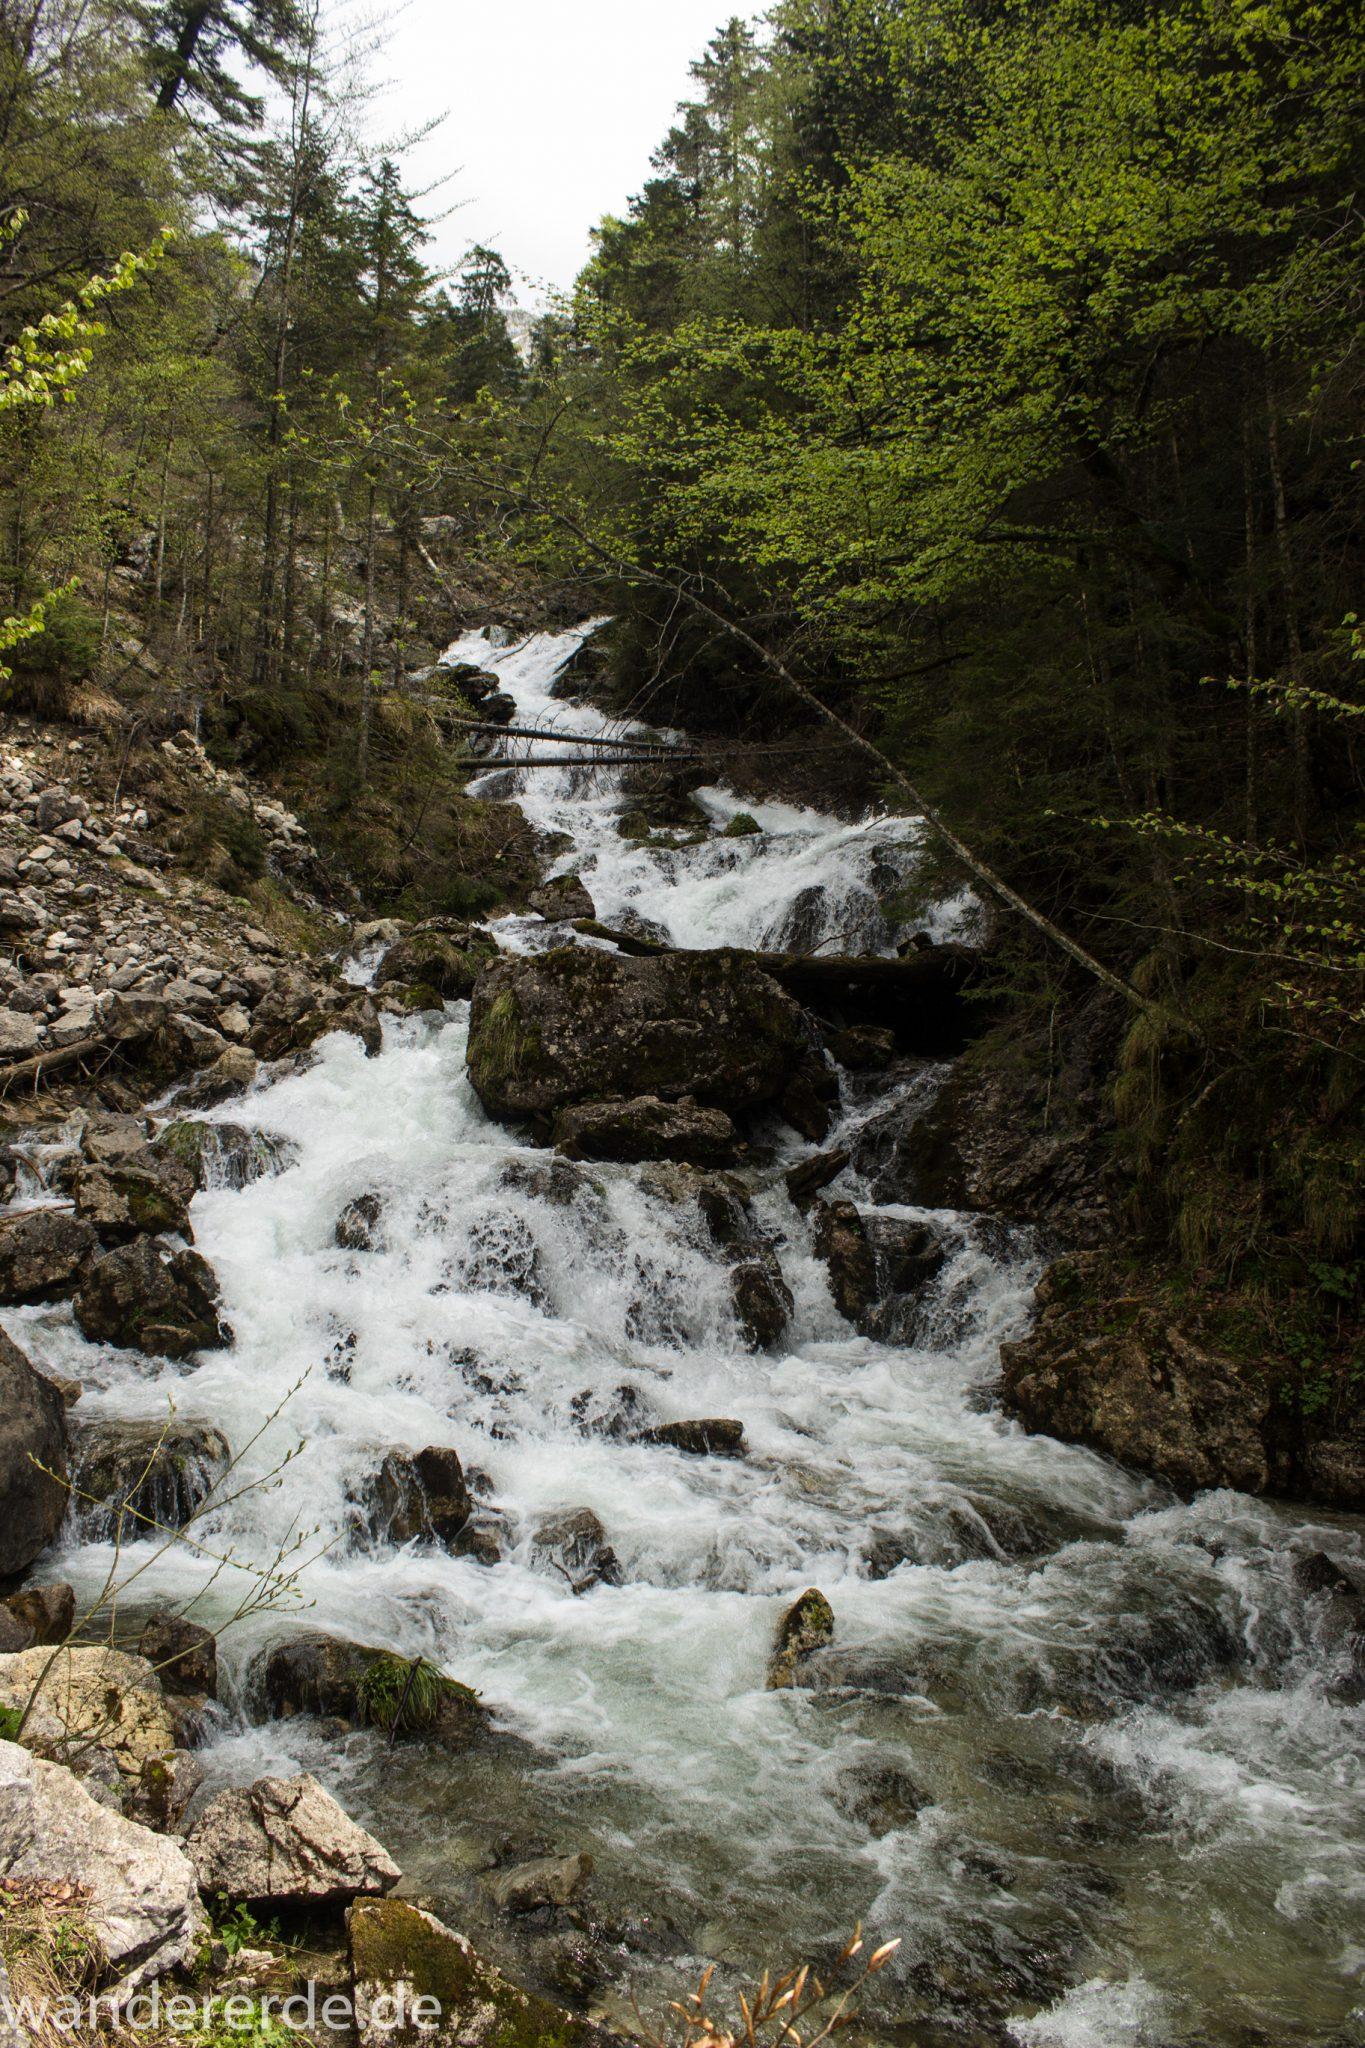 Wanderung zur Kenzenhütte in den Ammergauer Alpen, kleiner Wasserfall in idyllischem Wald, Gehölz und Steine, Laubbäume, klares Wasser bahnt sich seinen Weg ins Tal